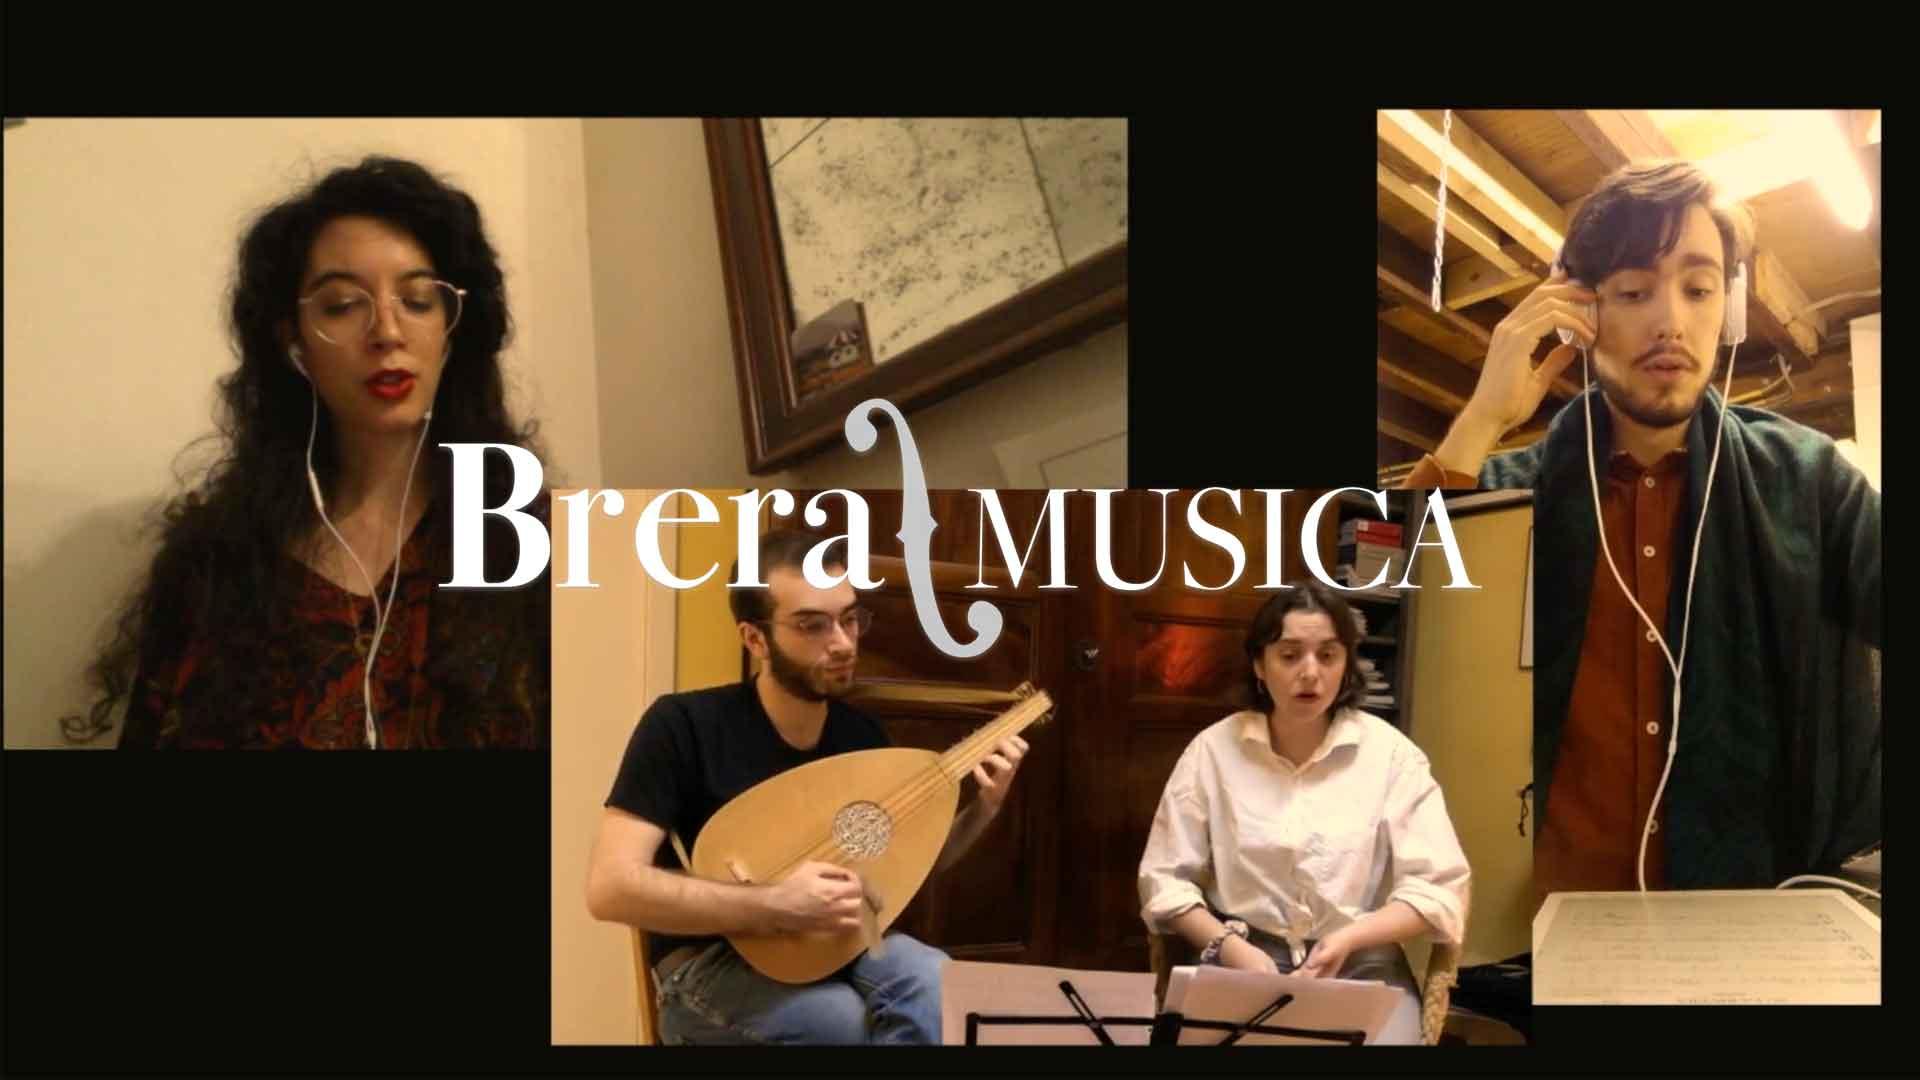 Continua il terzo giovedì serale di Brera/Musica online